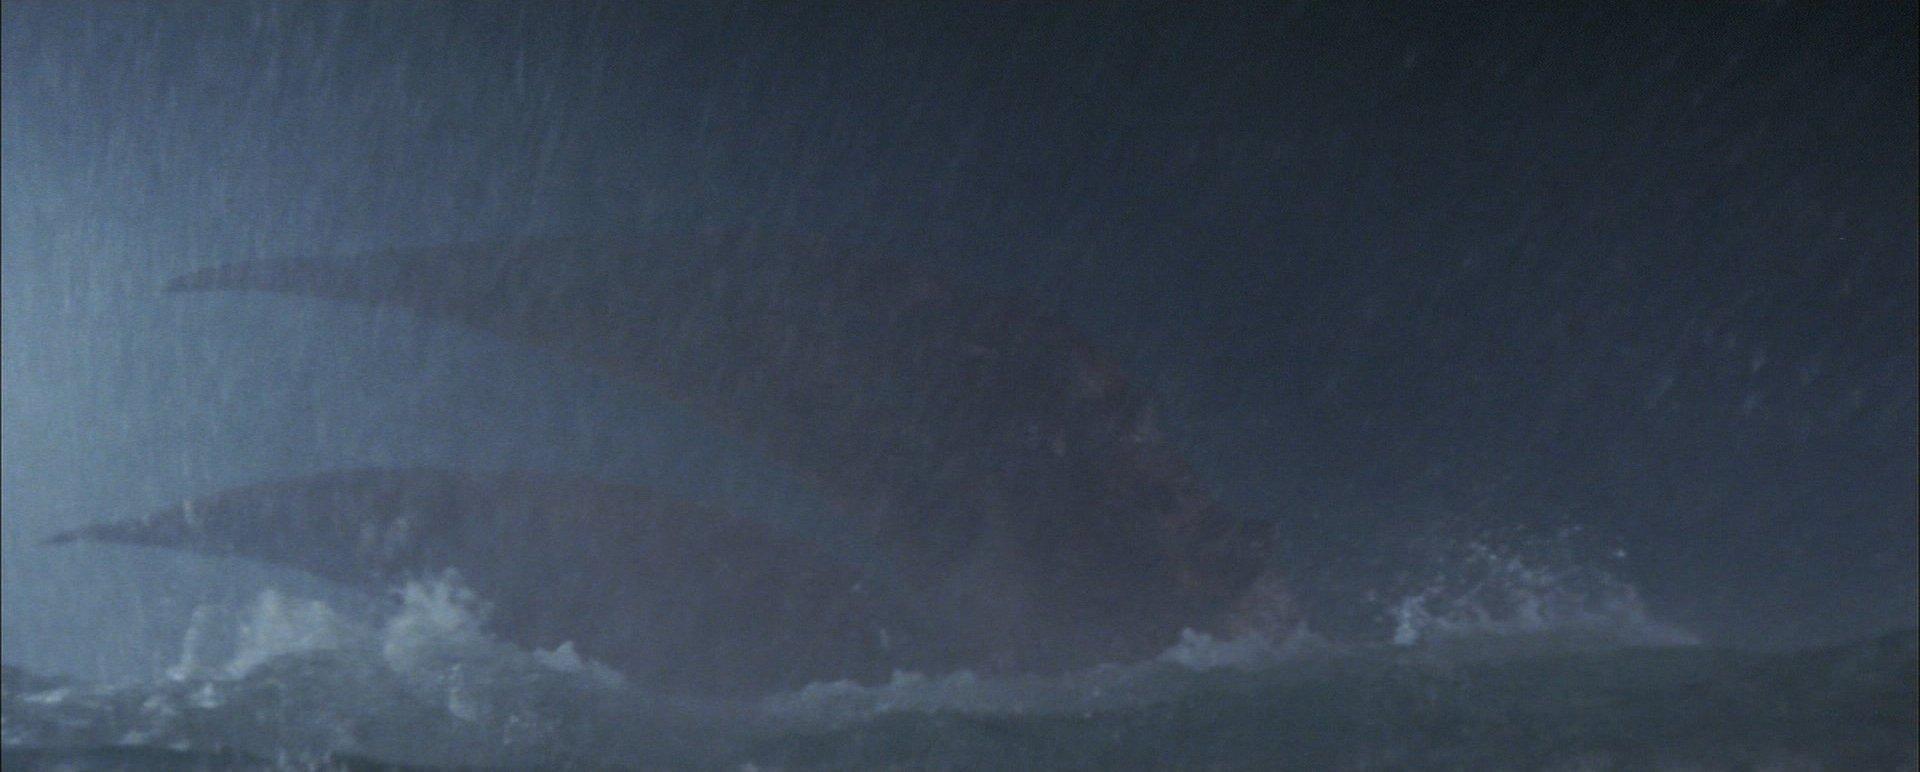 『南海の大決闘』エビラのハサミ登場は約14分目